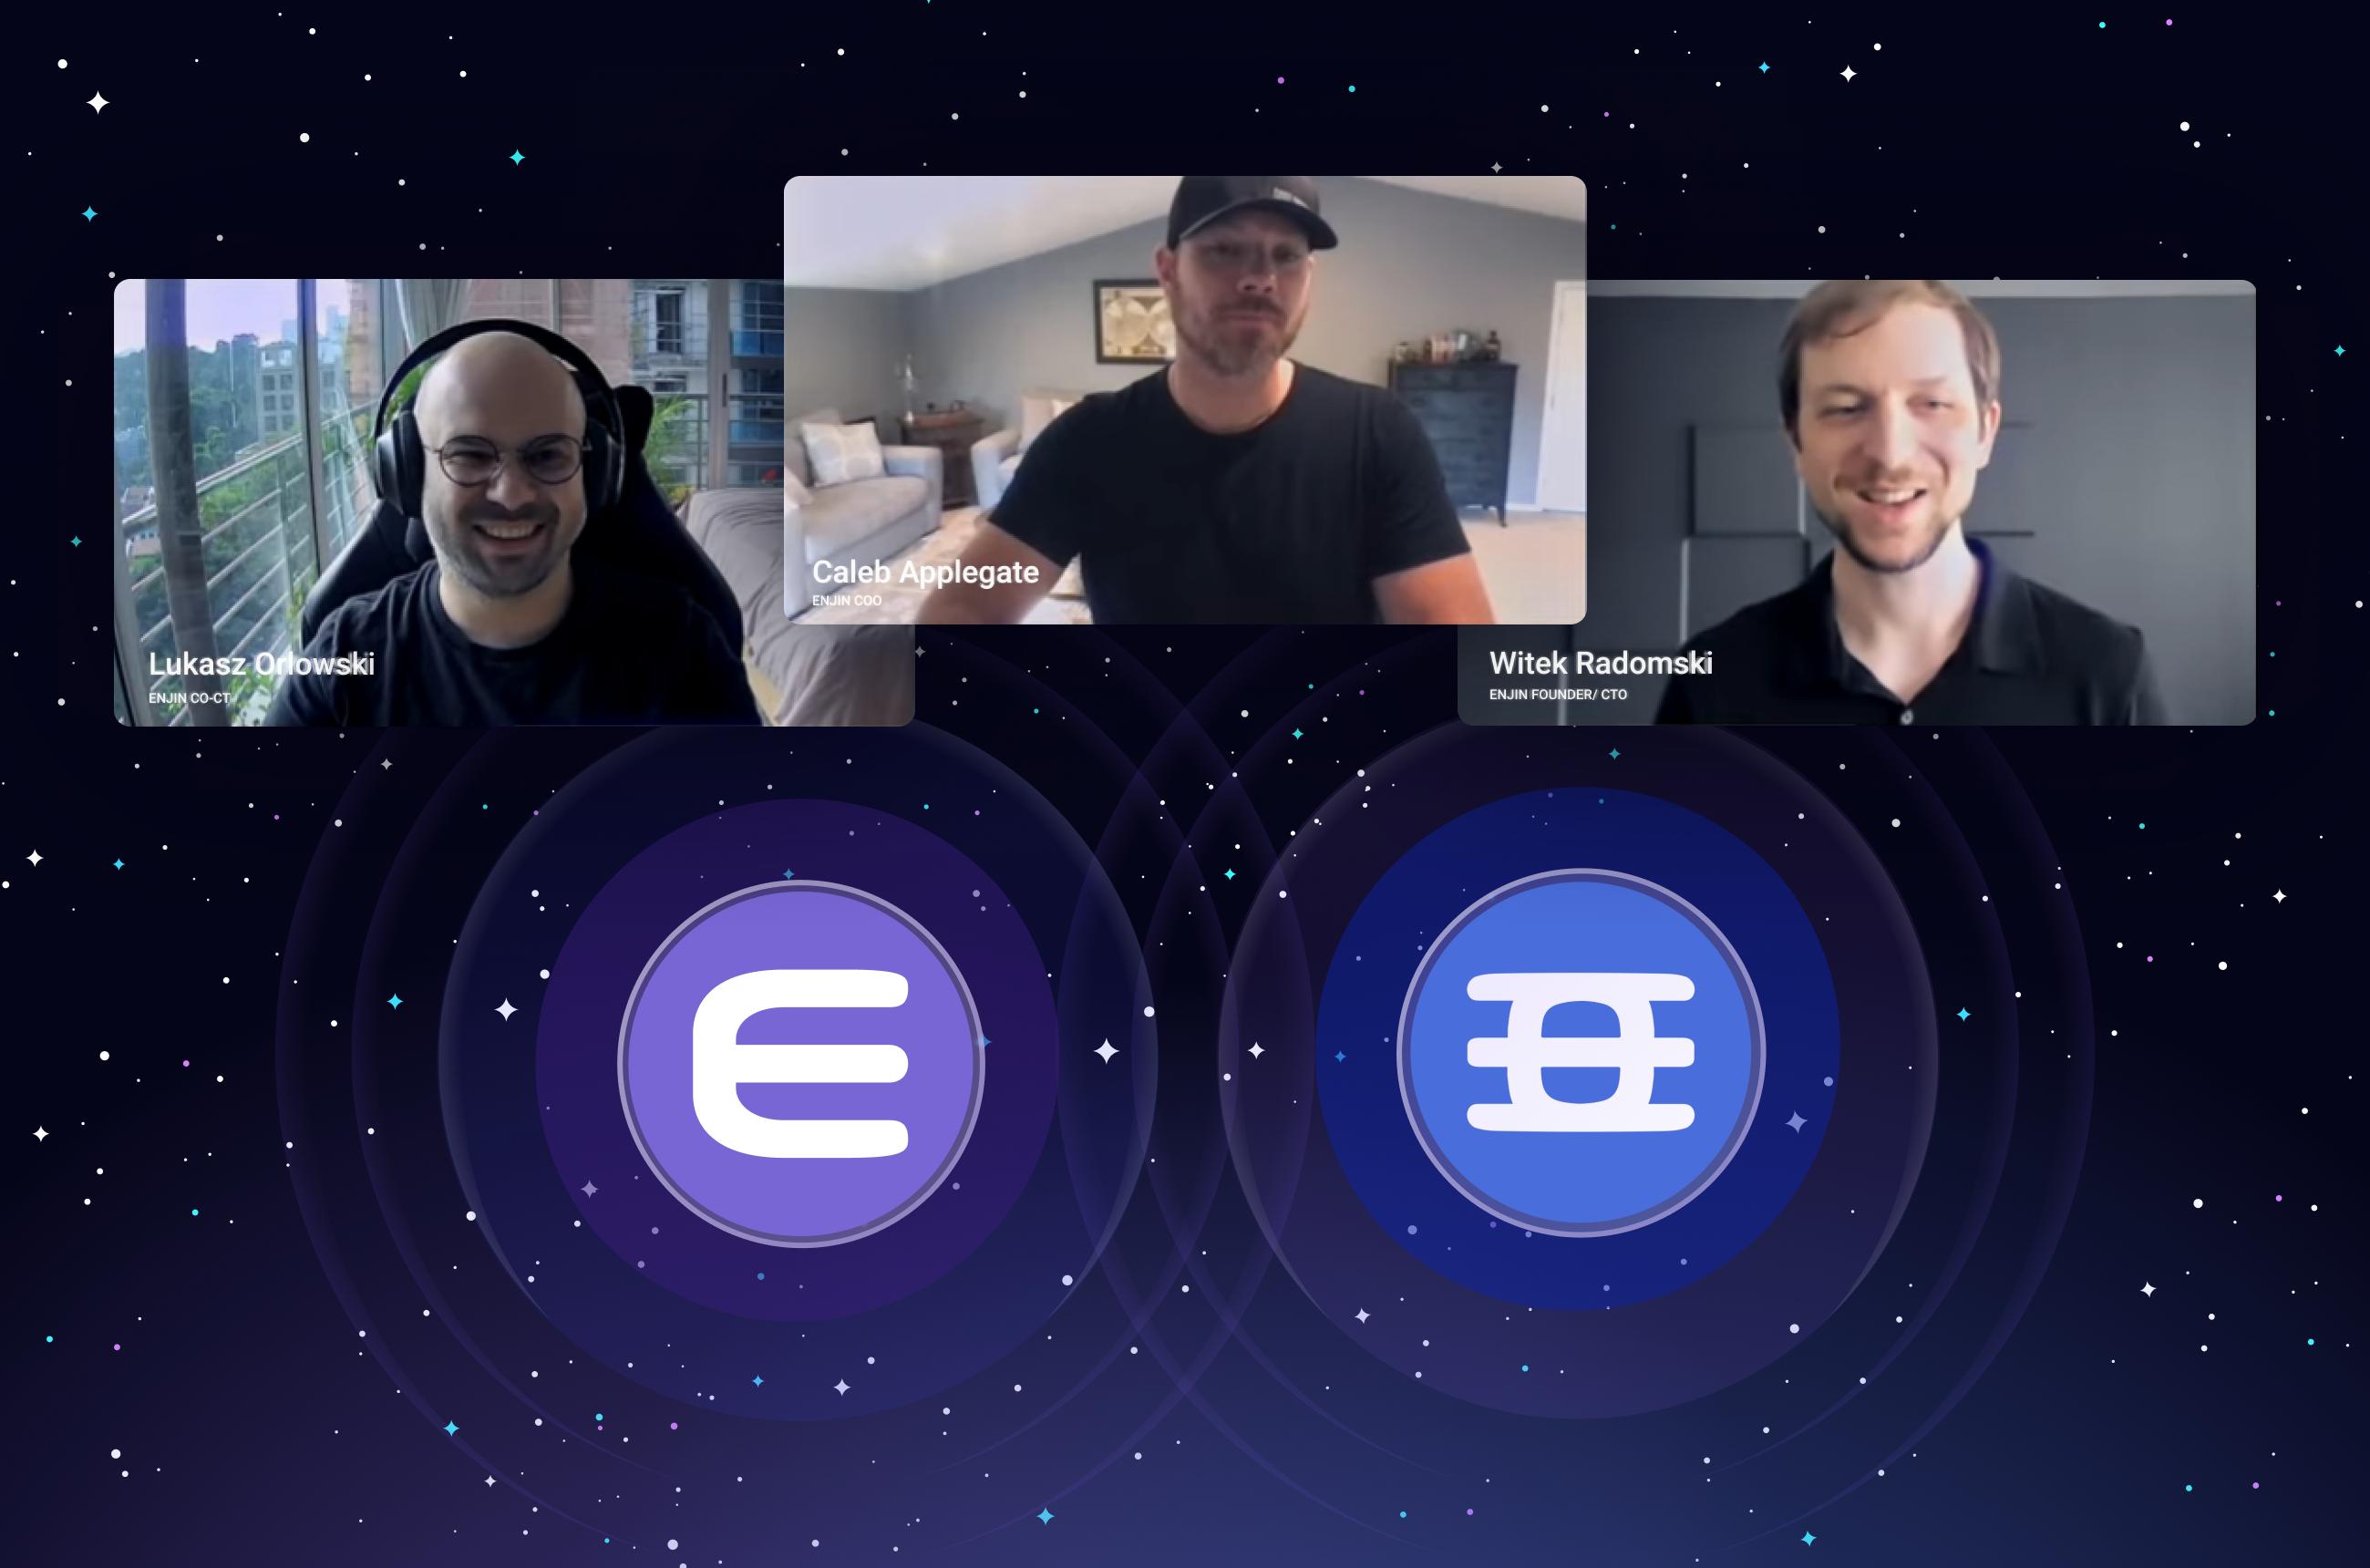 Vlog del Ecosistema Enjin, Episodio Uno: Lanzamiento del Token EFI, Estándar Paratoken y Transacción por lotes de Efinity